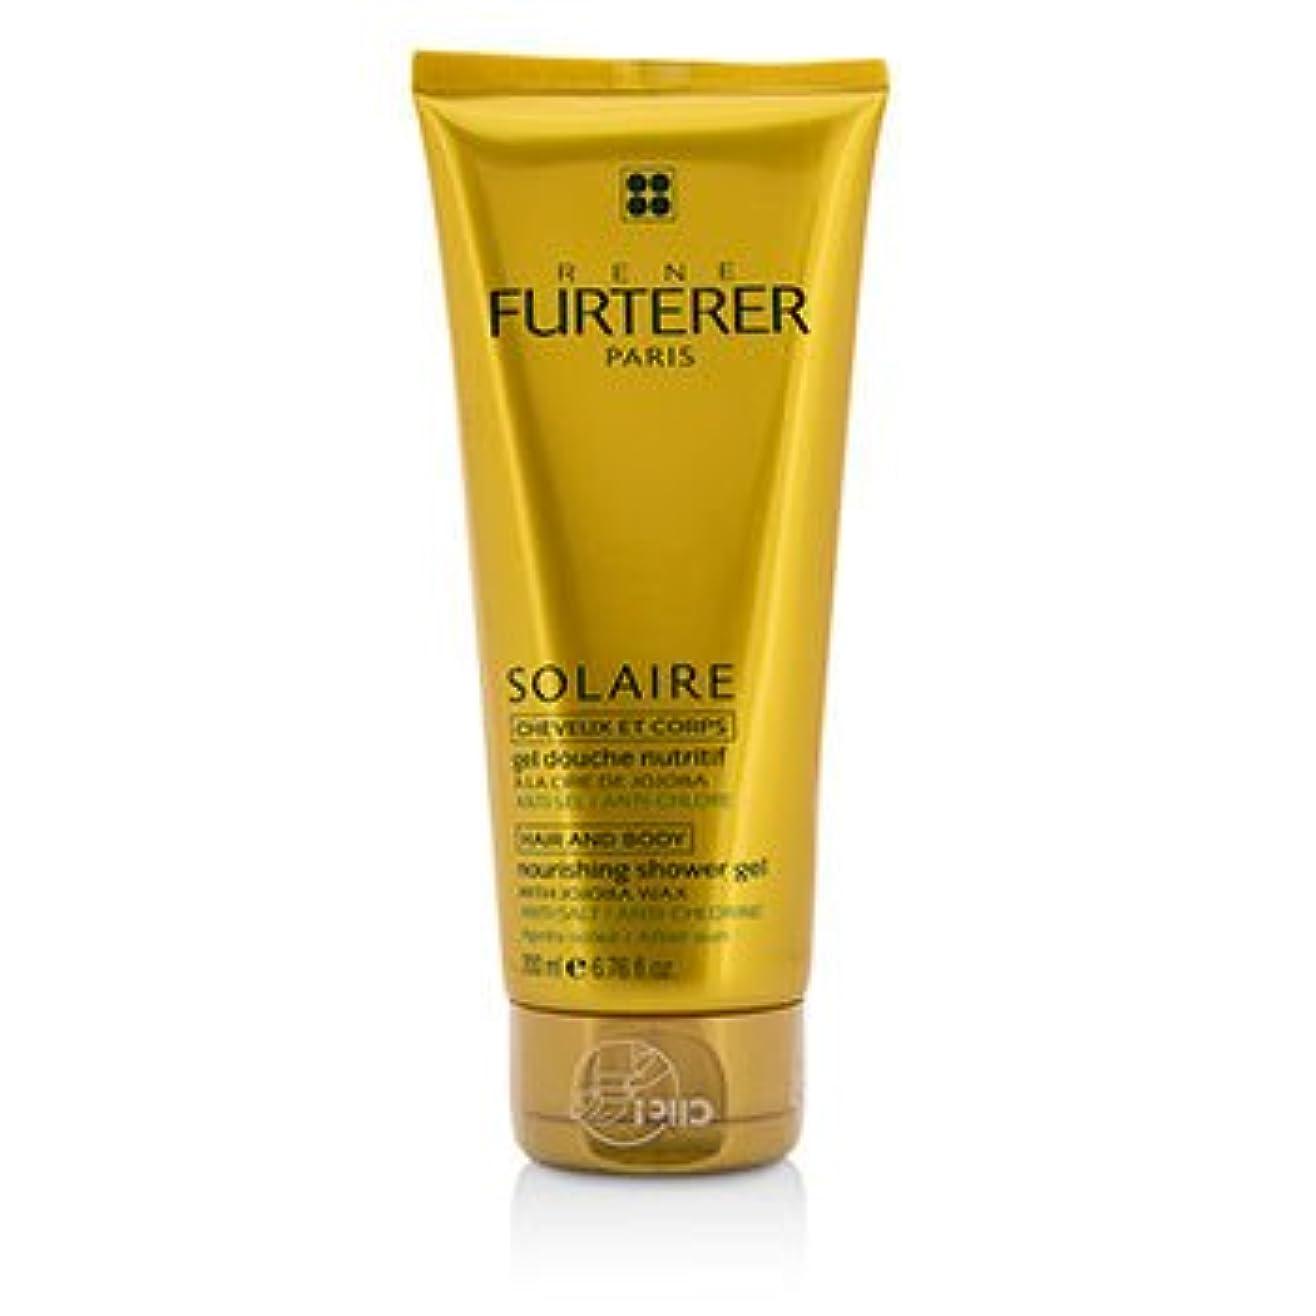 セイはさておき野球推測する[Rene Furterer] Solaire Nourishing Shower Gel with Jojoba Wax (Hair and Body) 200ml/6.76oz